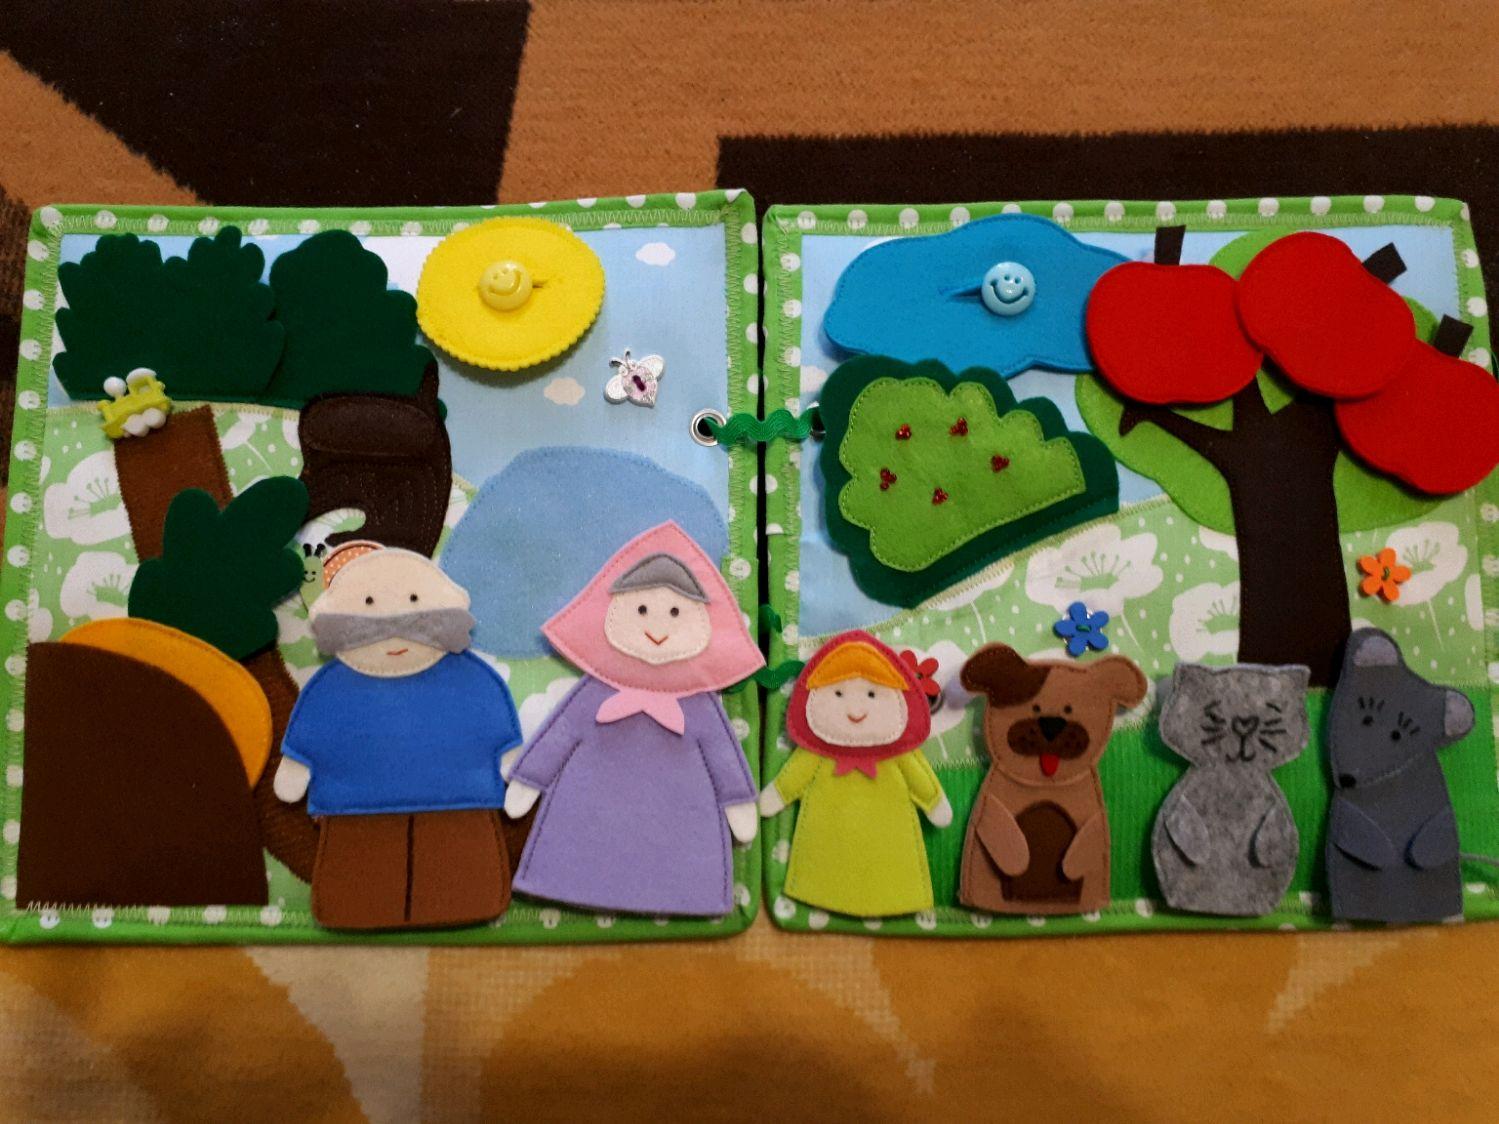 Развивающая книжка-сказка из фетра и ткани, Игрушки, Москва, Фото №1